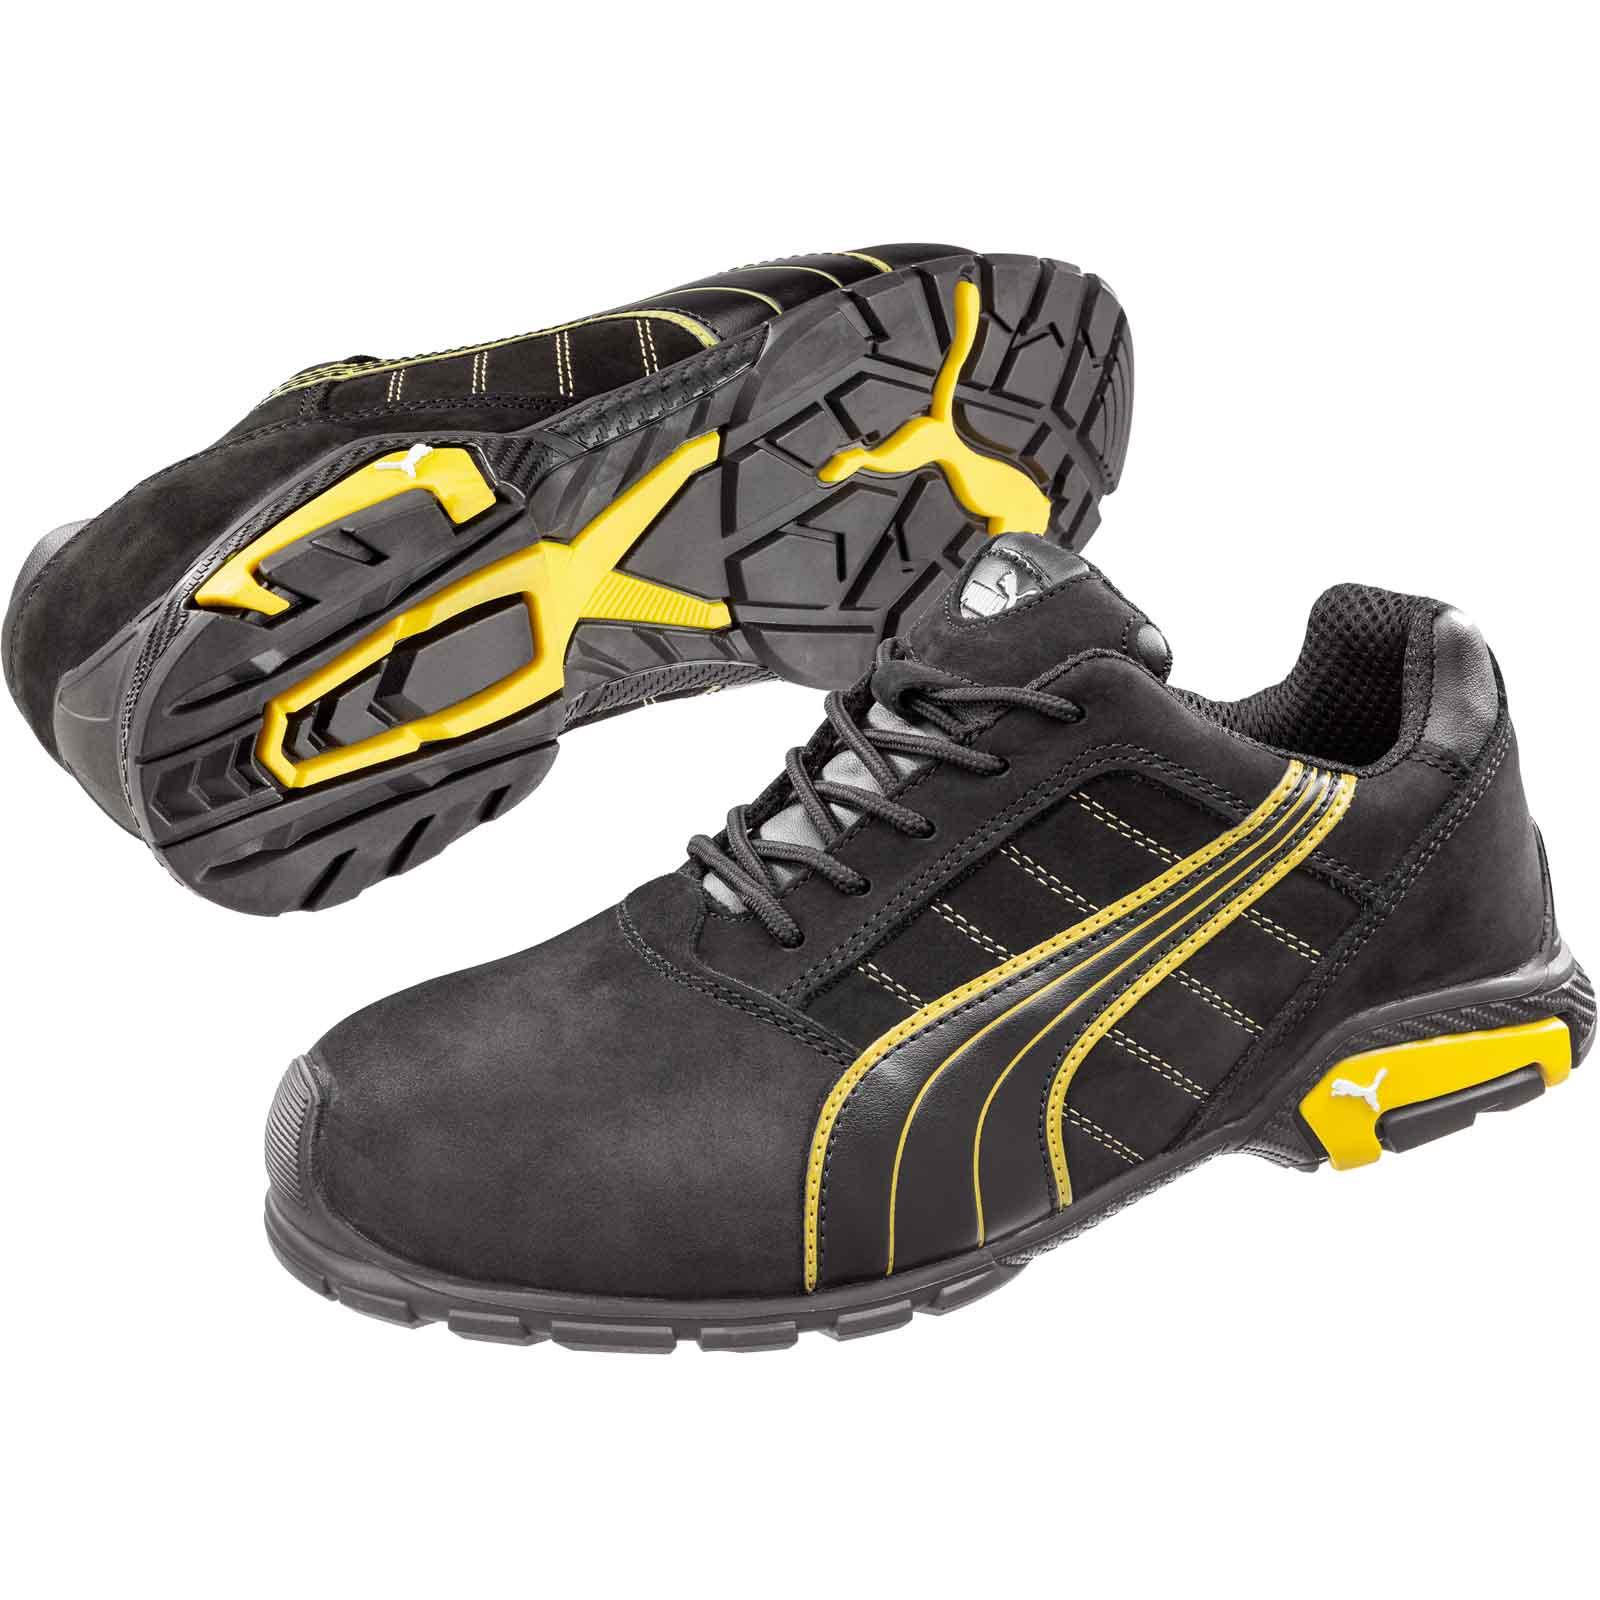 Détails sur Puma Safety Amsterdam Low S3 Src Chaussures de Sécurité Gr. 39 47 64.271.0